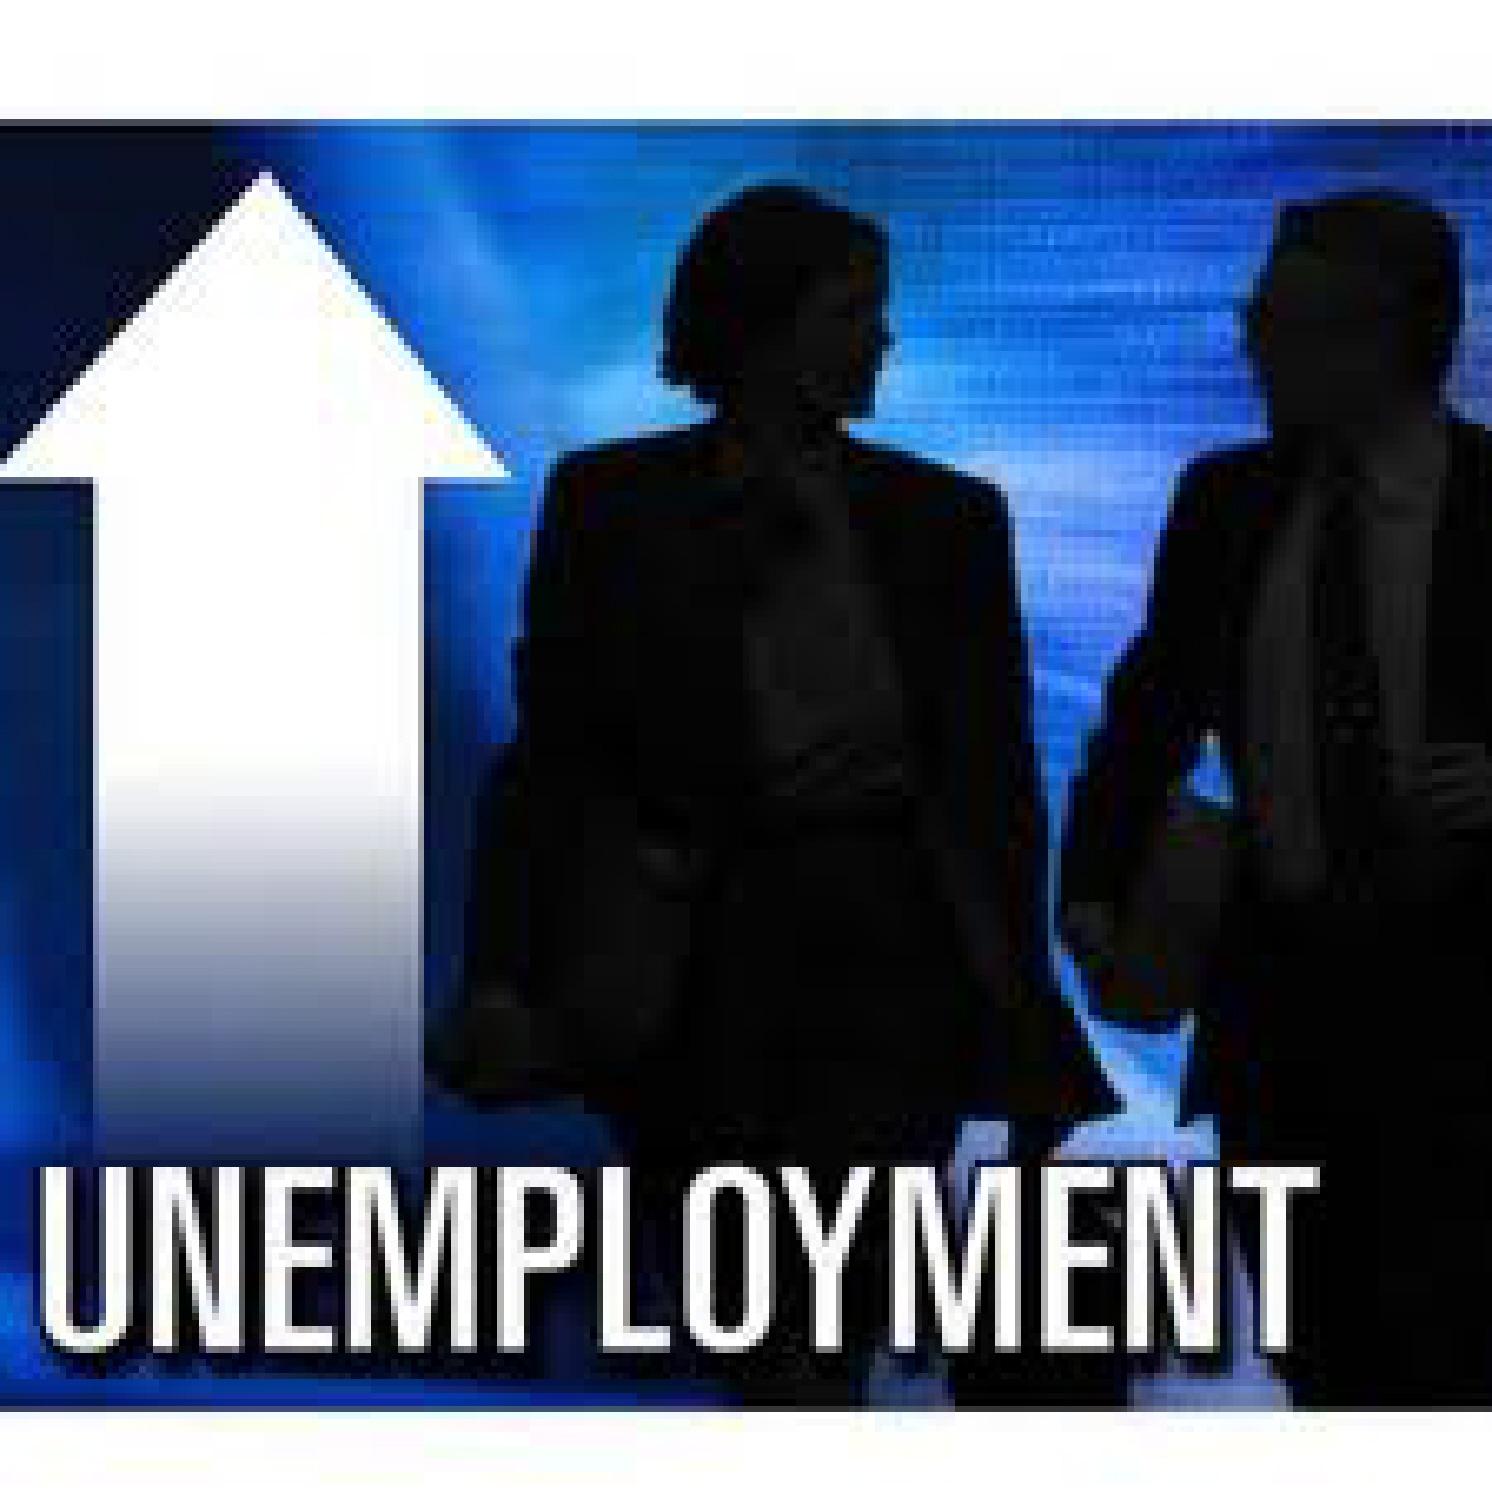 Florida Unemployment Benefits Online